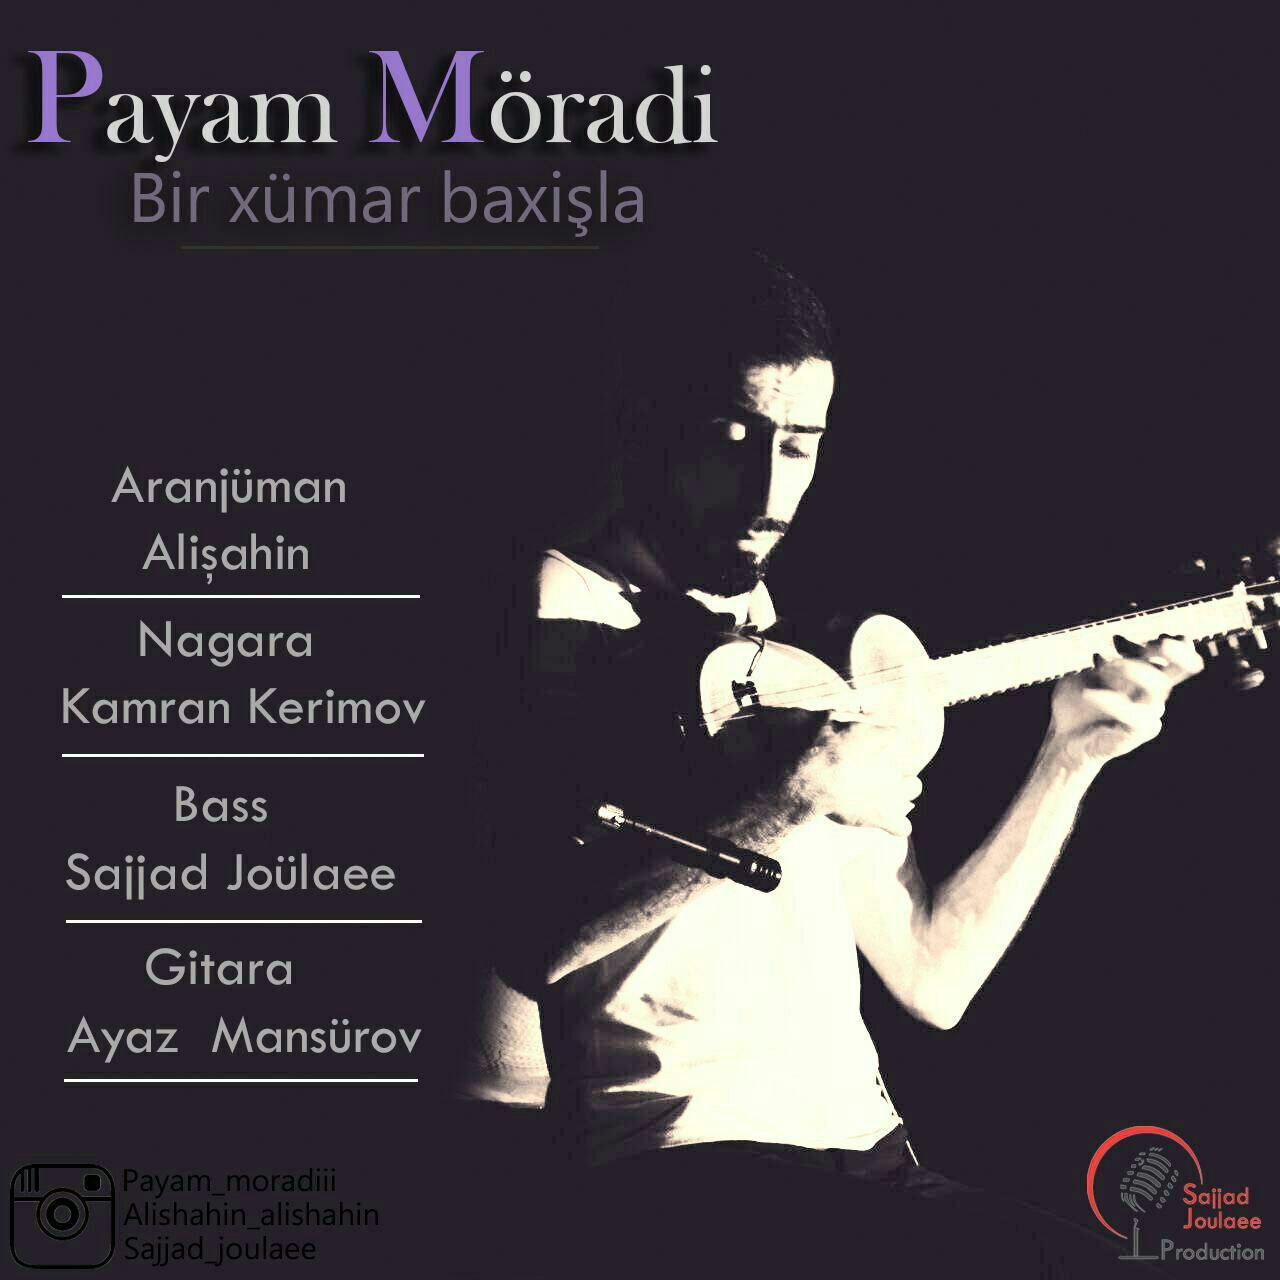 http://s8.picofile.com/file/8277519234/6Payam_Moradi.jpg